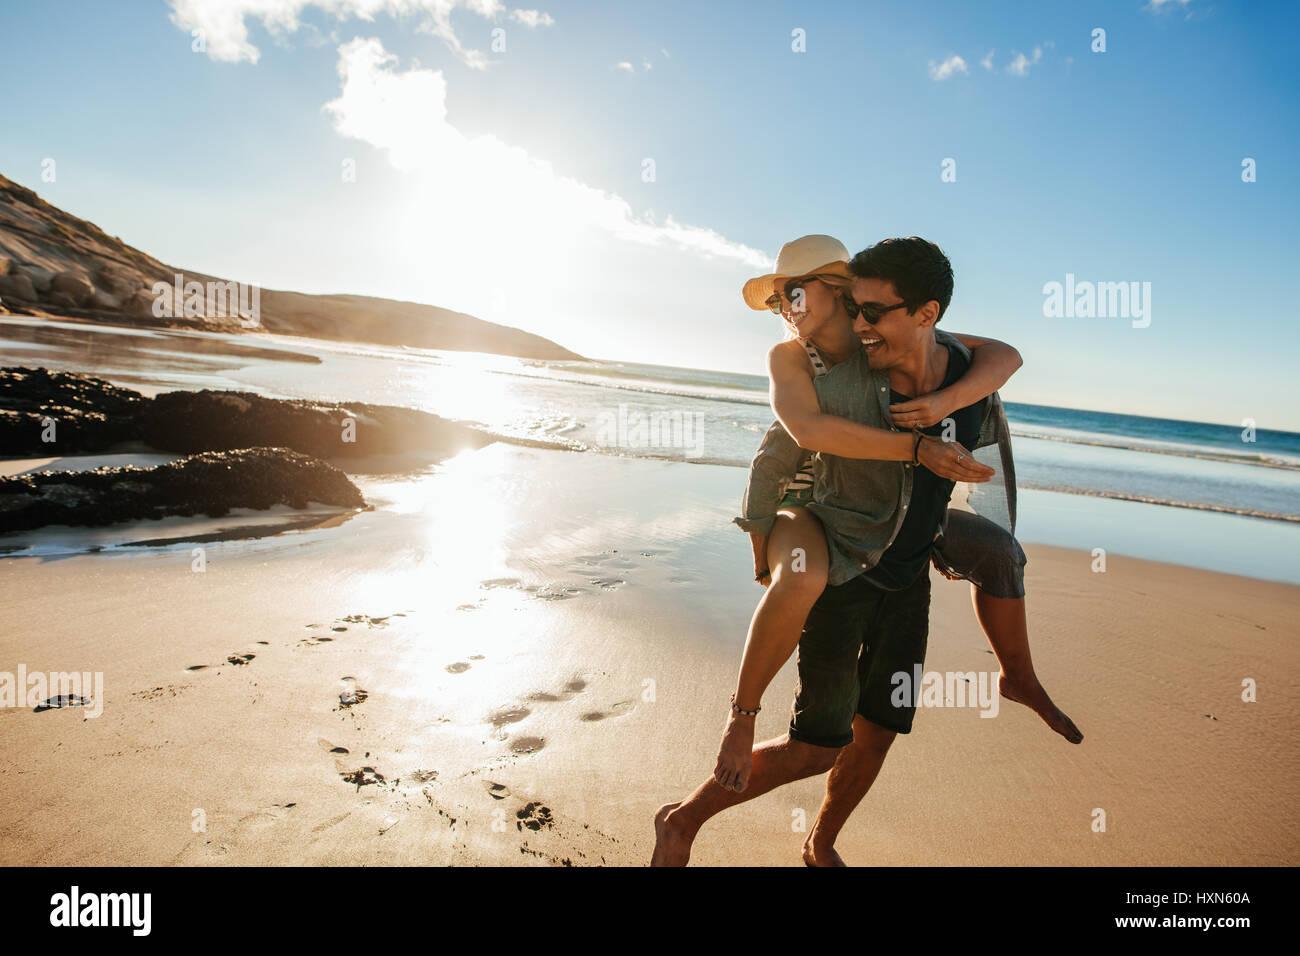 Romantico coppia giovane godendo le vacanze estive. Bel giovane dando piggyback ride alla ragazza sulla spiaggia. Immagini Stock